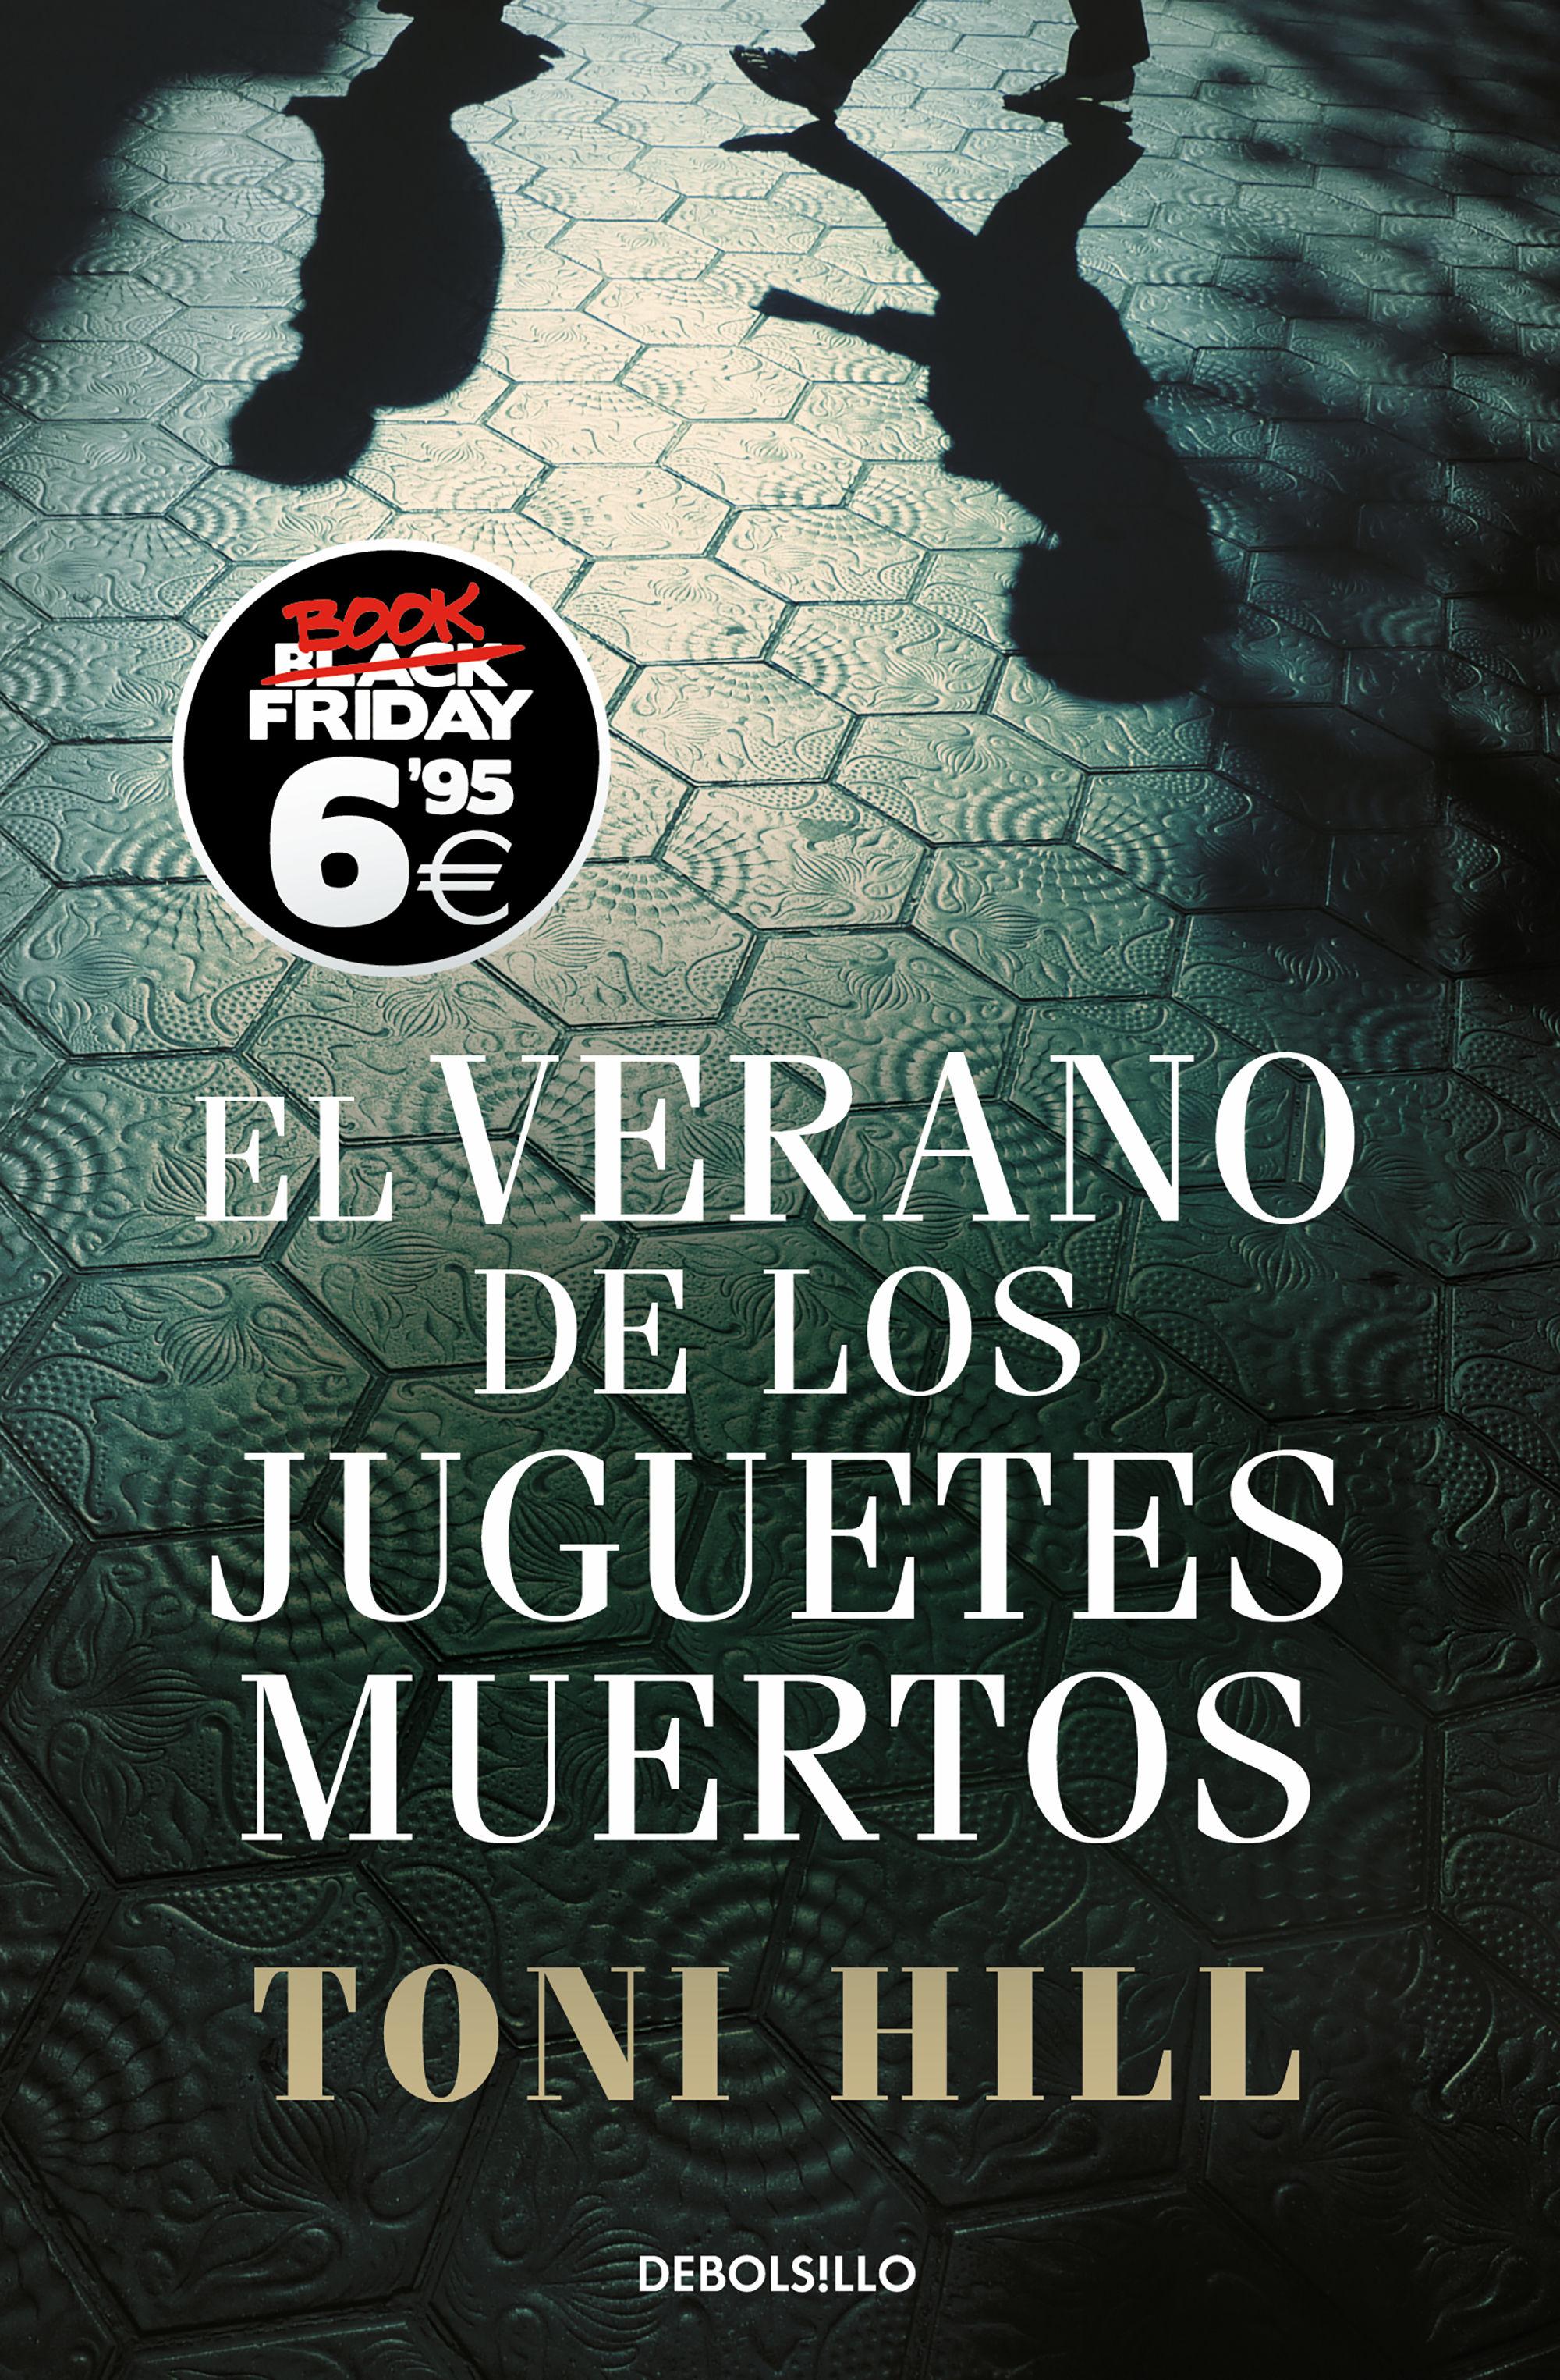 VERANO DE LOS JUGUETES MUERTOS EL